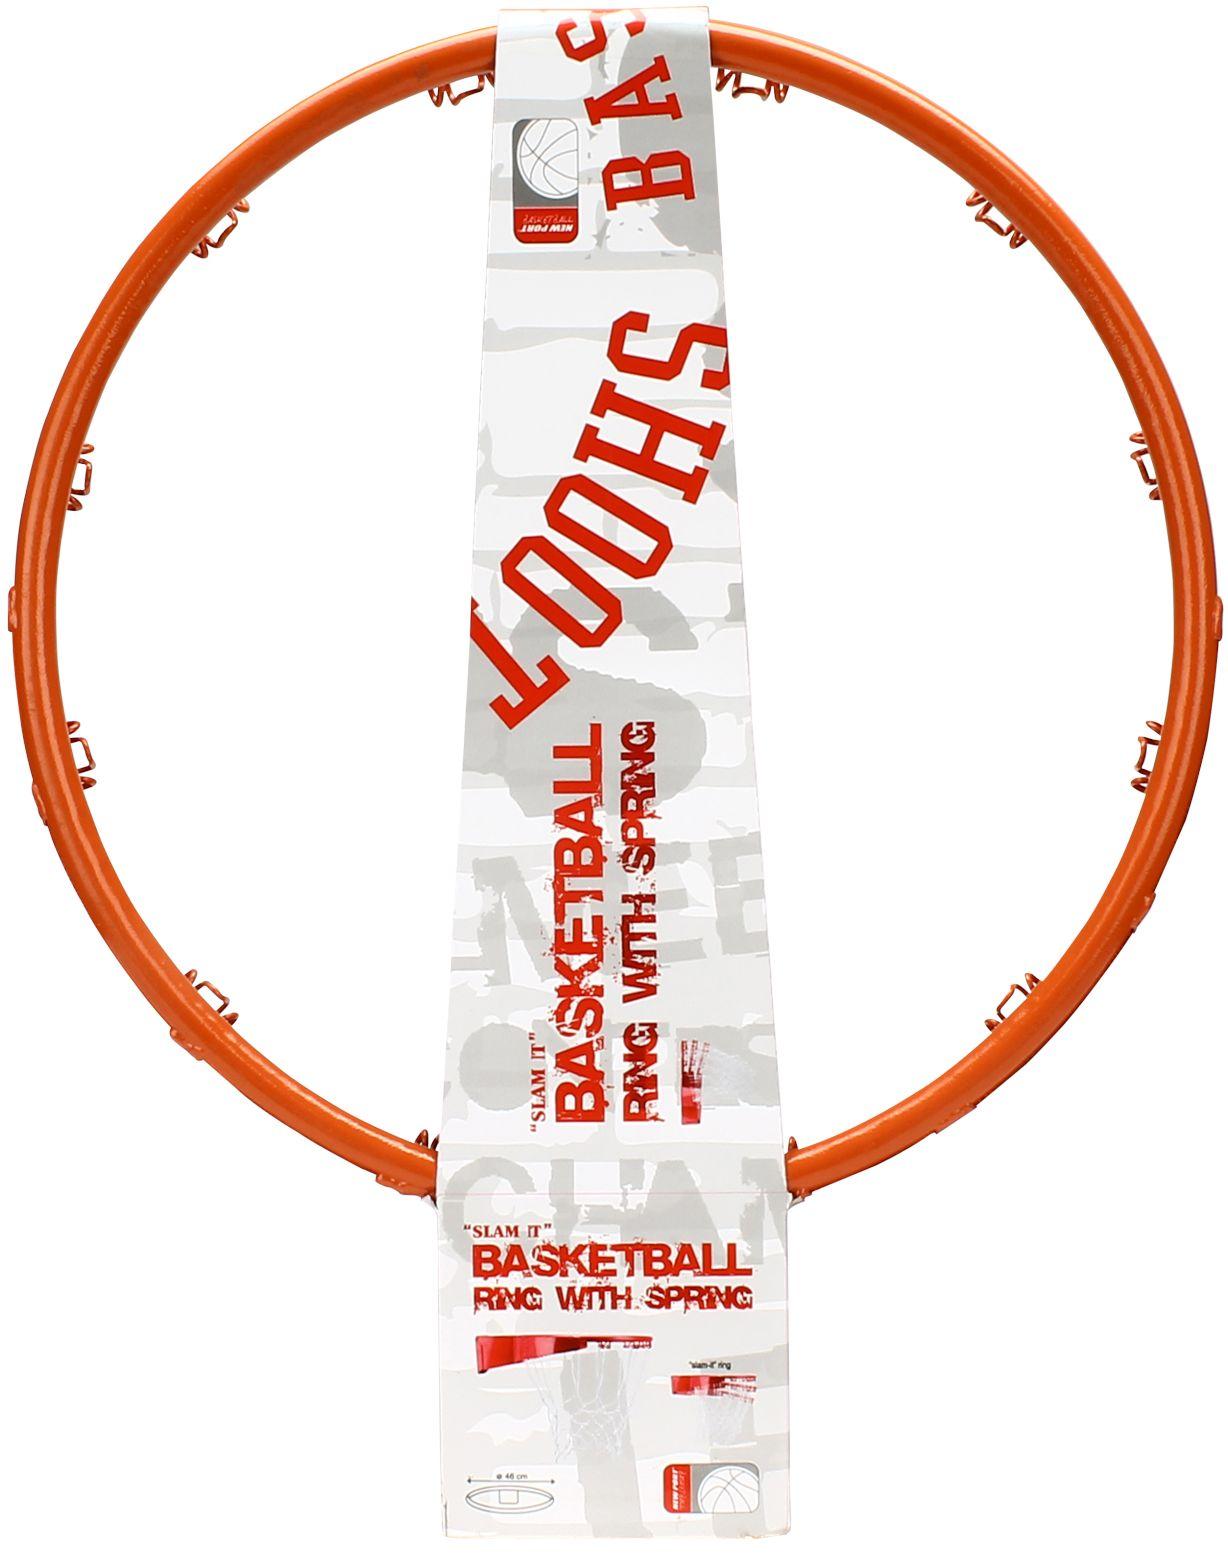 Basketbalring met Veer • Slam Rim Pro • en Net